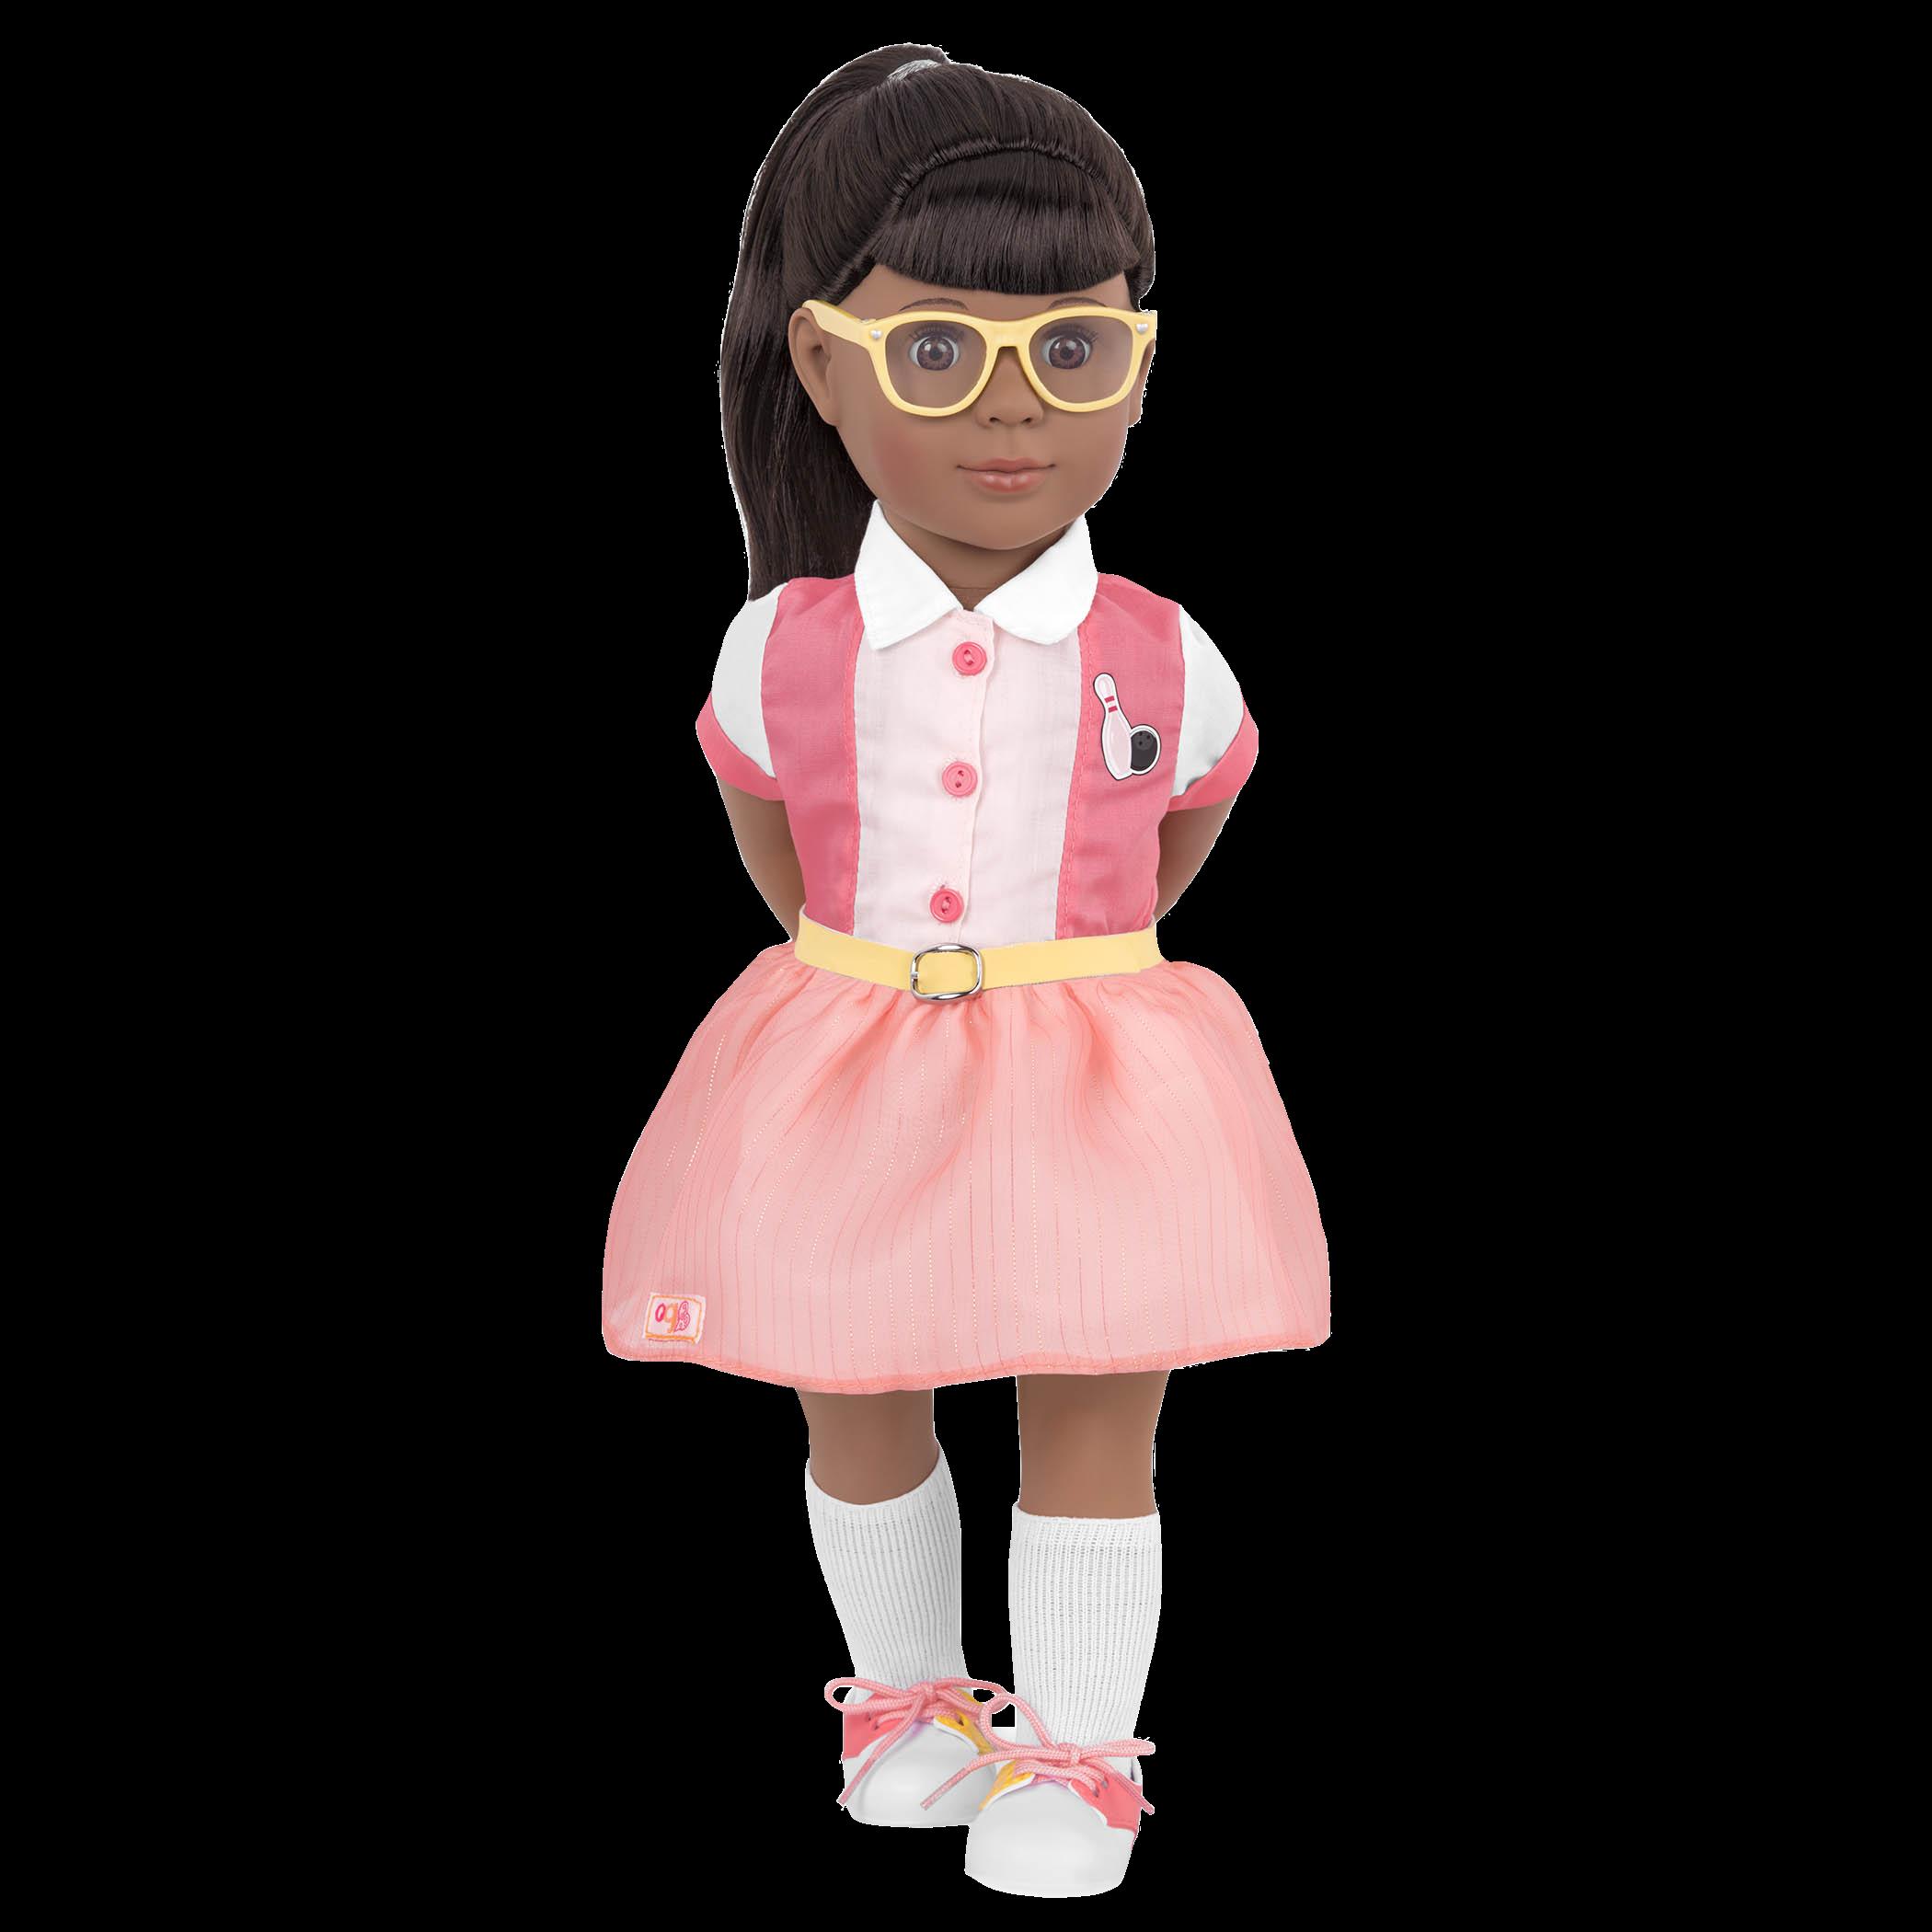 Liah Retro 18-inch Bowling Doll